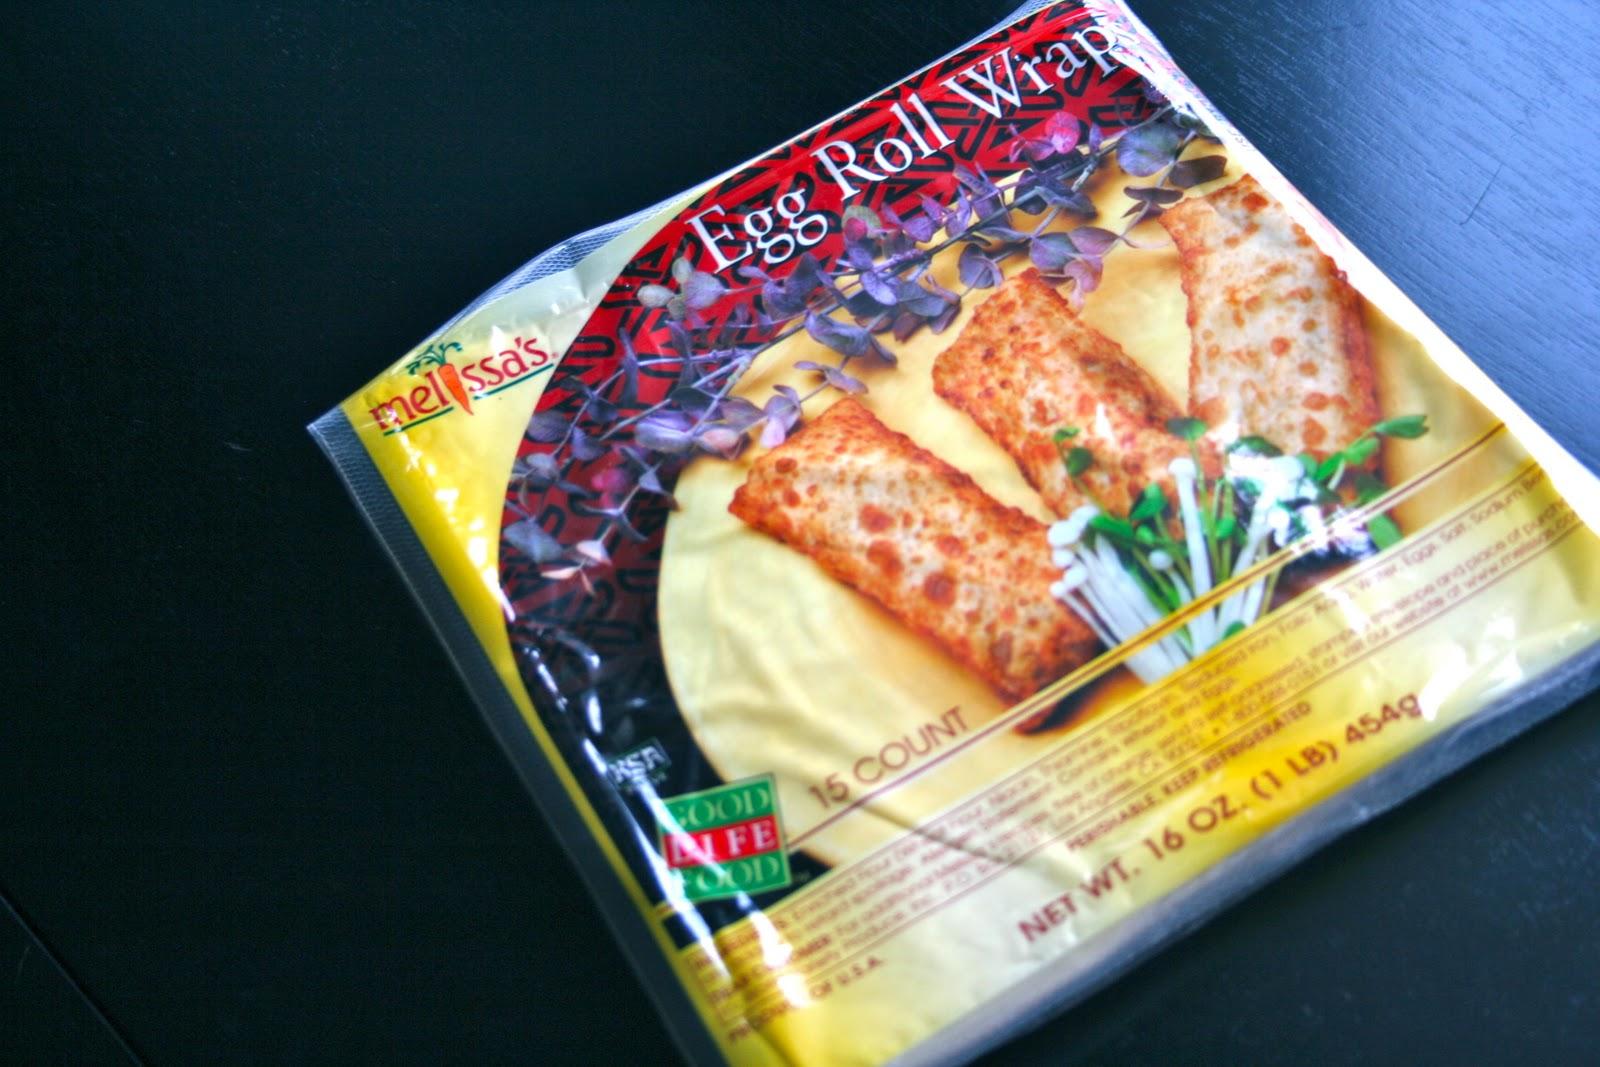 California Pizza Kitchen Avocado Club Egg Rolls Recipe